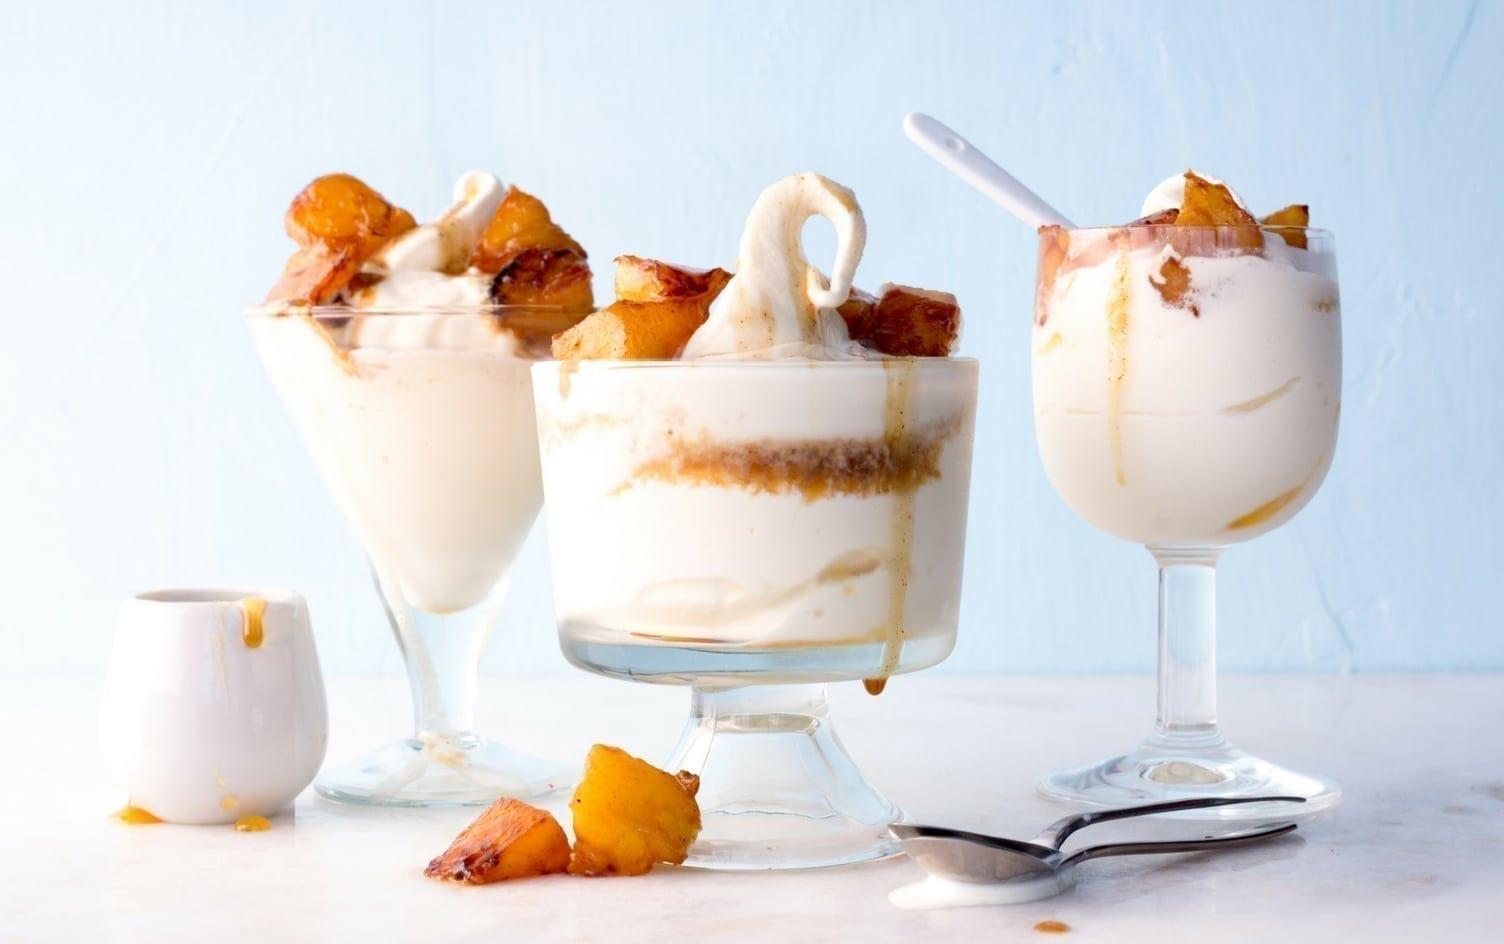 9 10-Ingredient Desserts Under 200 Calories | Nutrition | MyFitnessPal